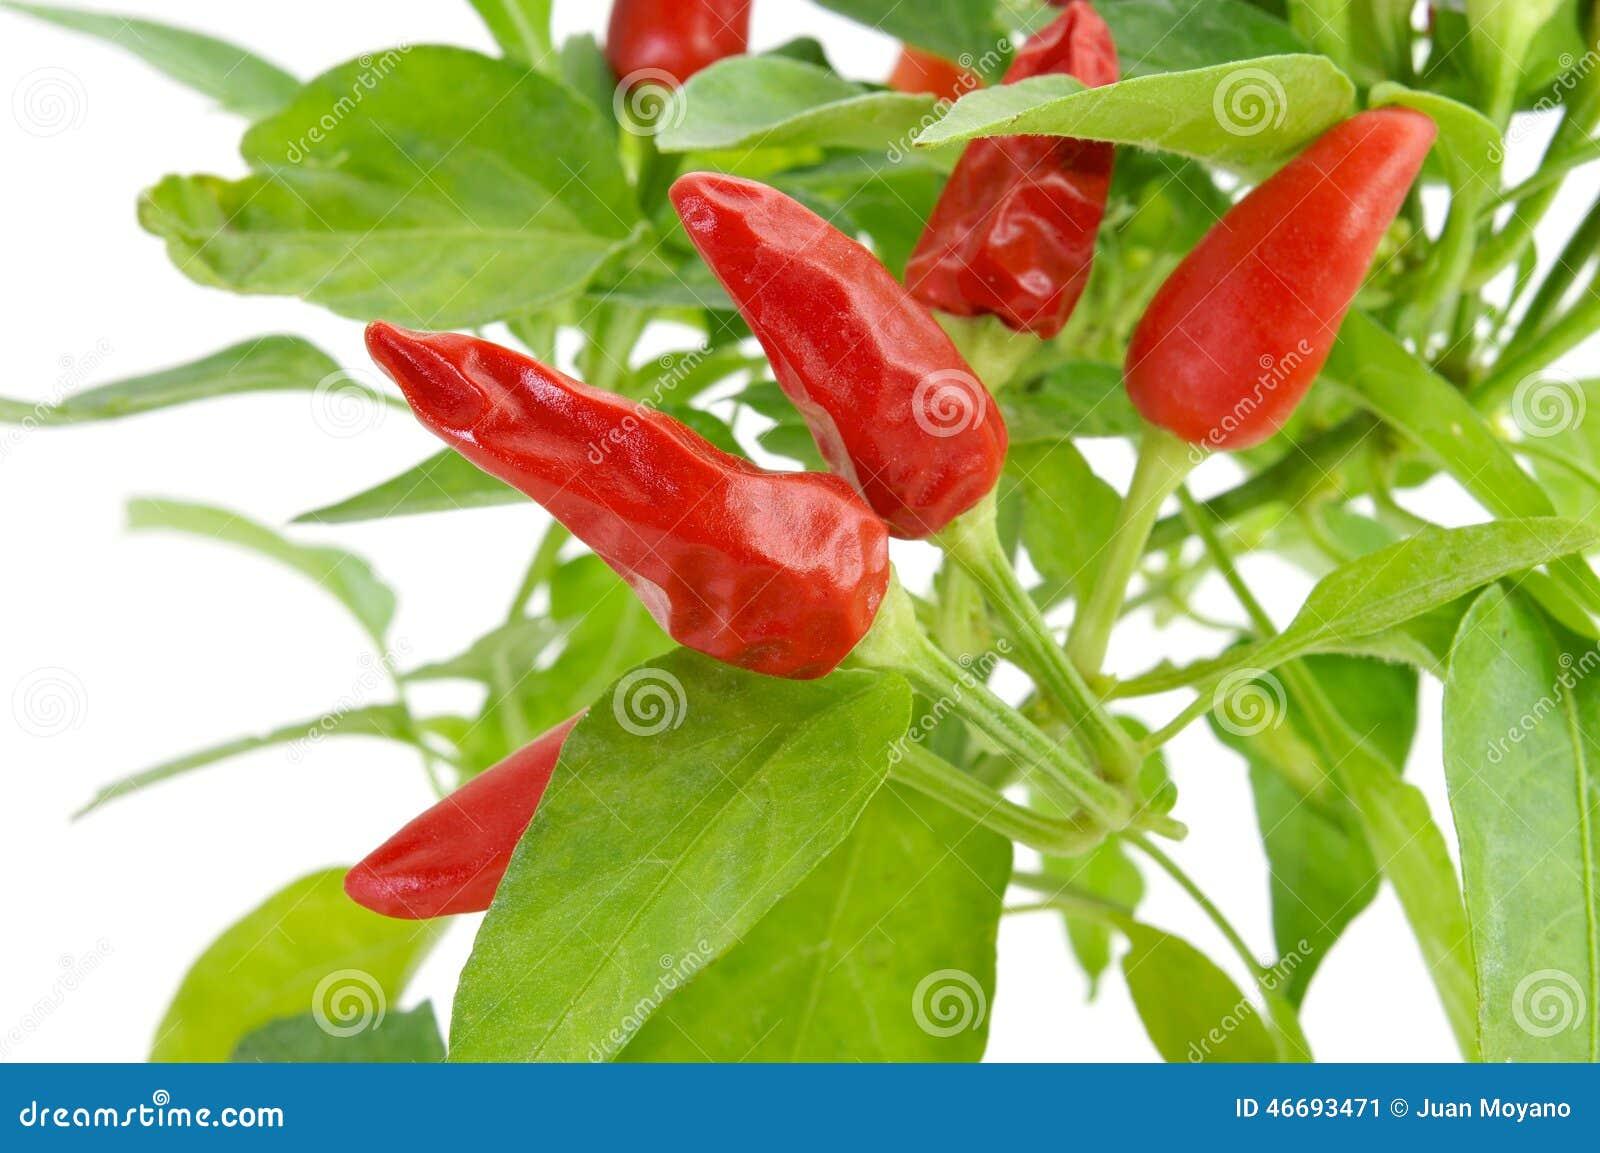 Завод Capsicum annuum с малыми красными перцами